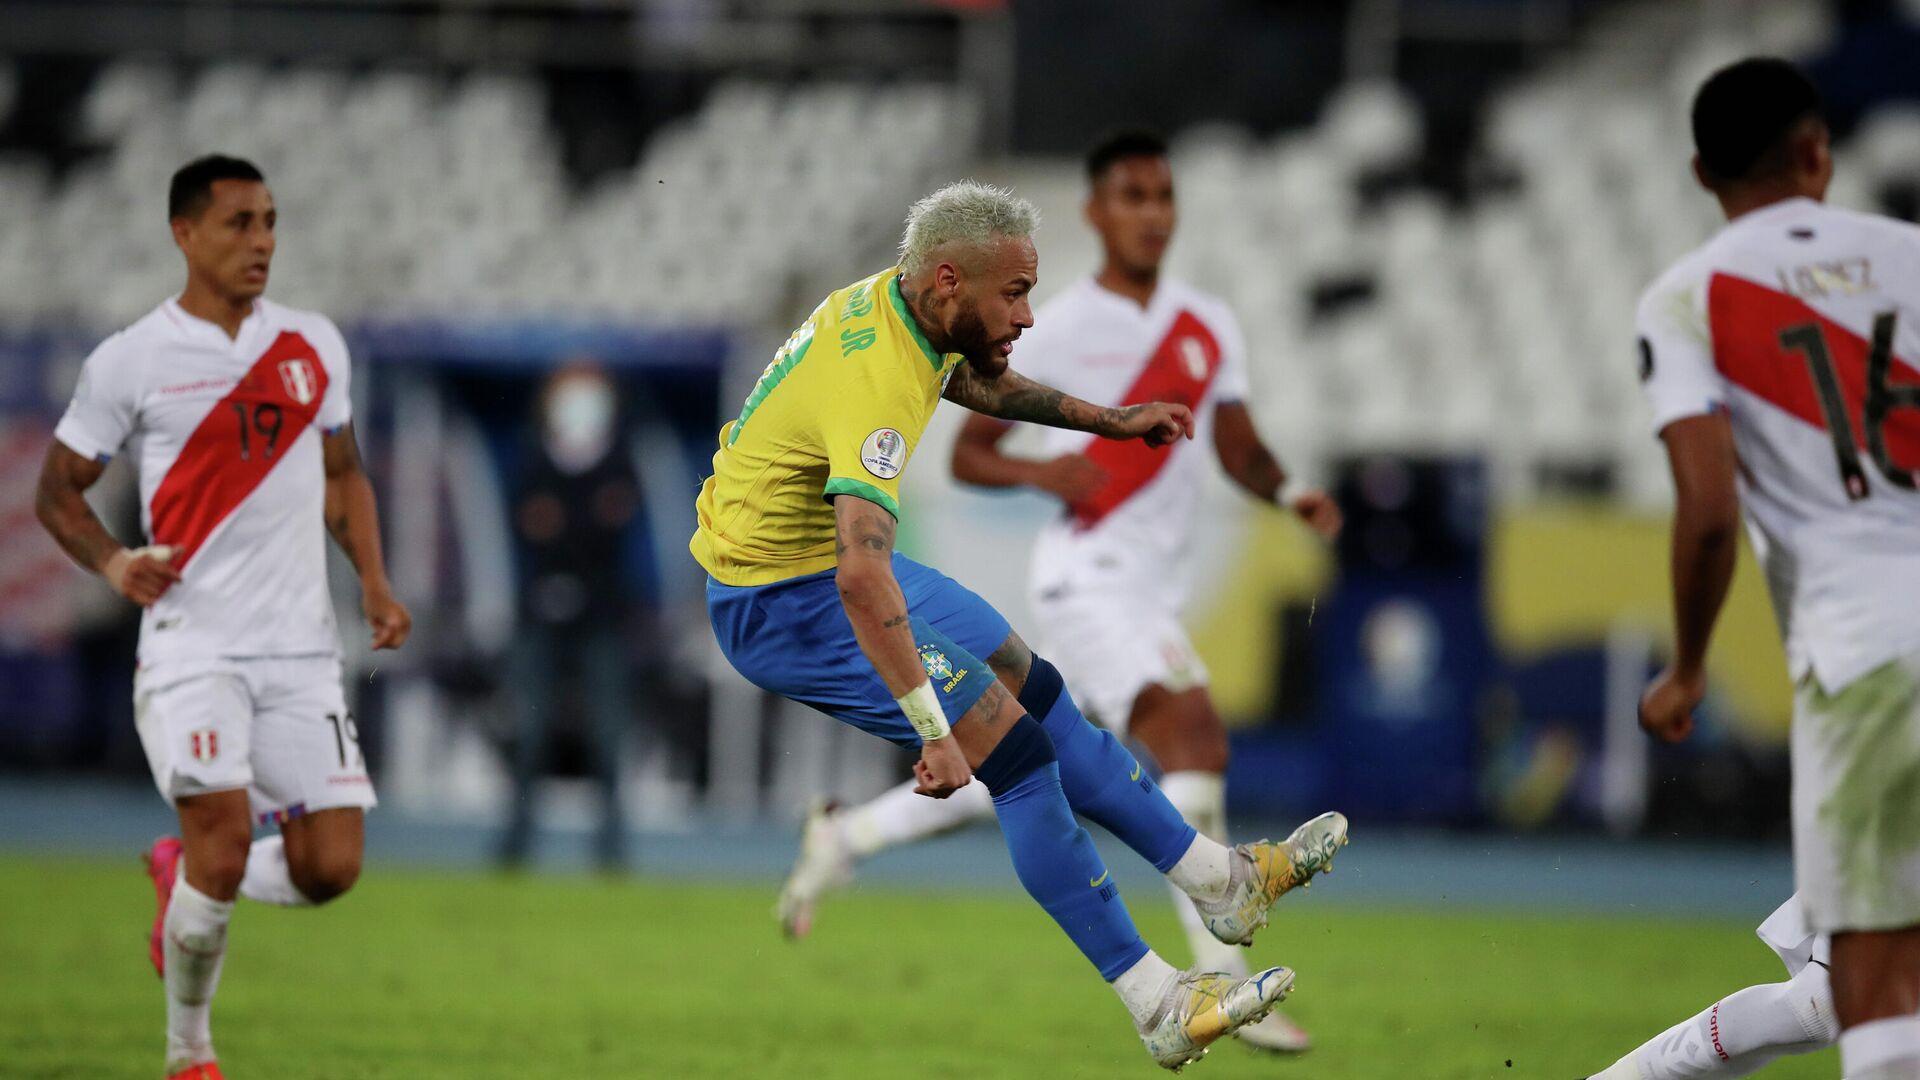 Neymar en el partido de las selecciones de Brasil contra Perú - Sputnik Mundo, 1920, 18.06.2021